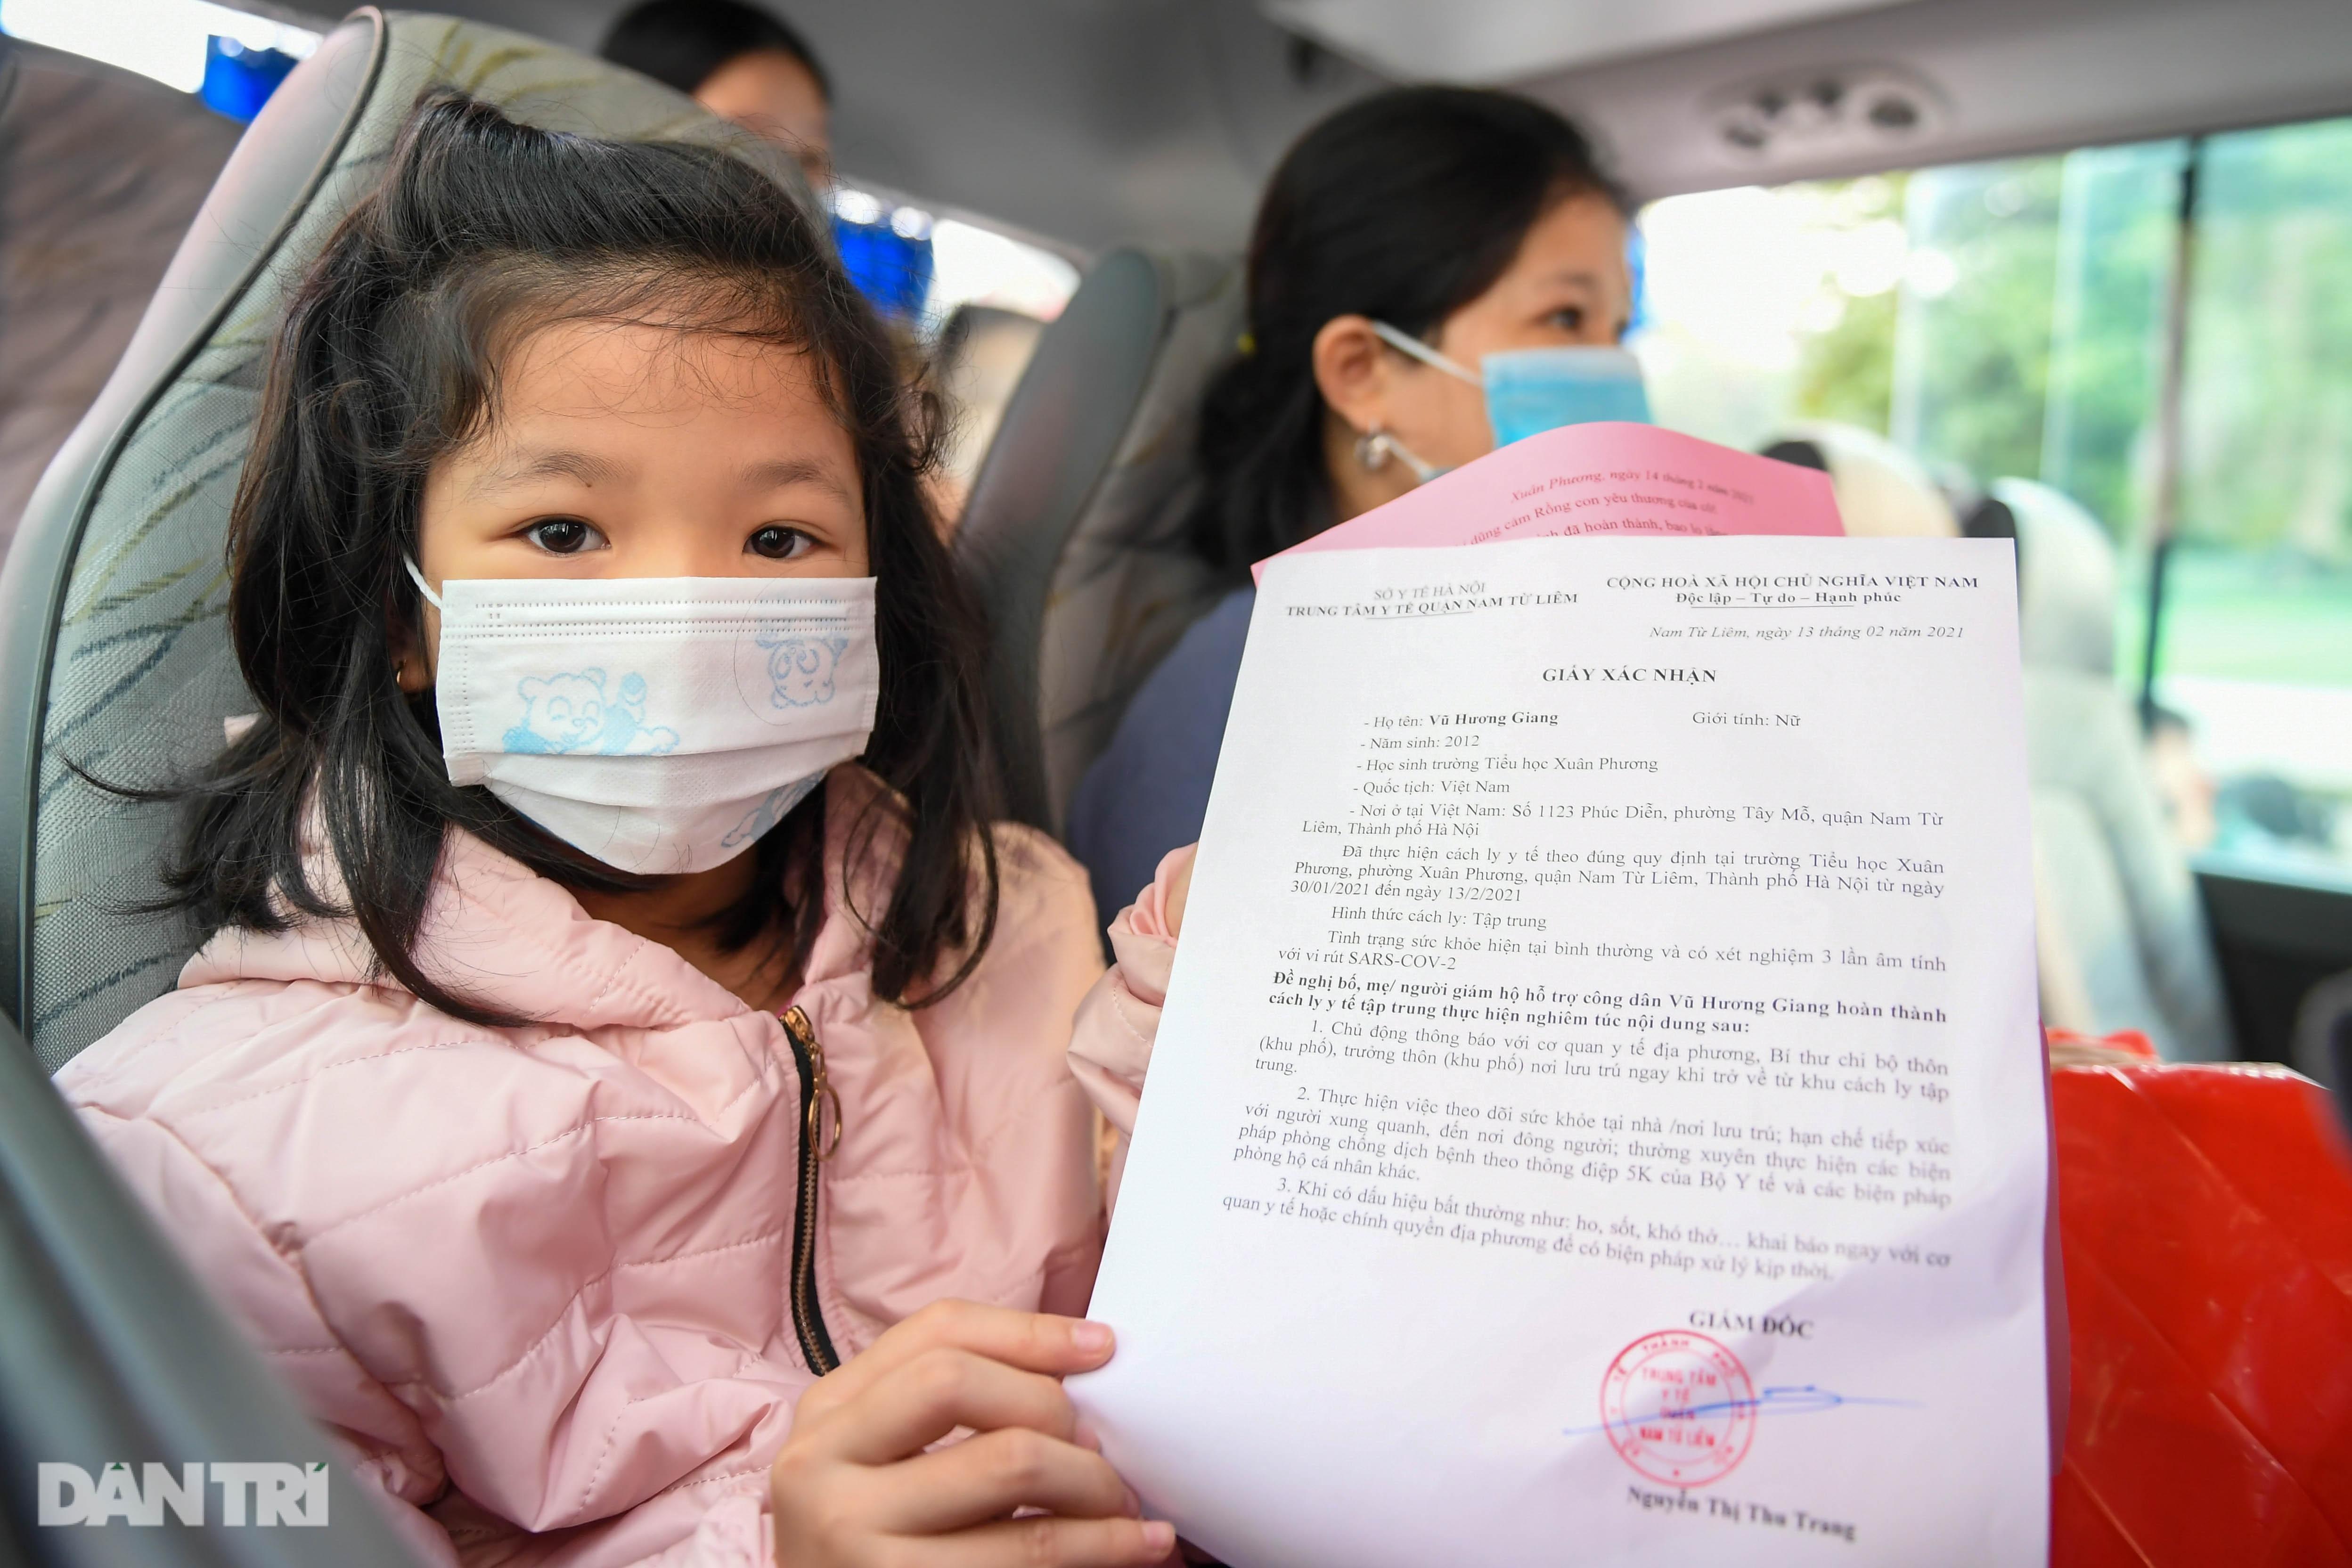 Toàn bộ người cách ly tại Tiểu học Xuân Phương được trở về nhà ăn Tết - 6